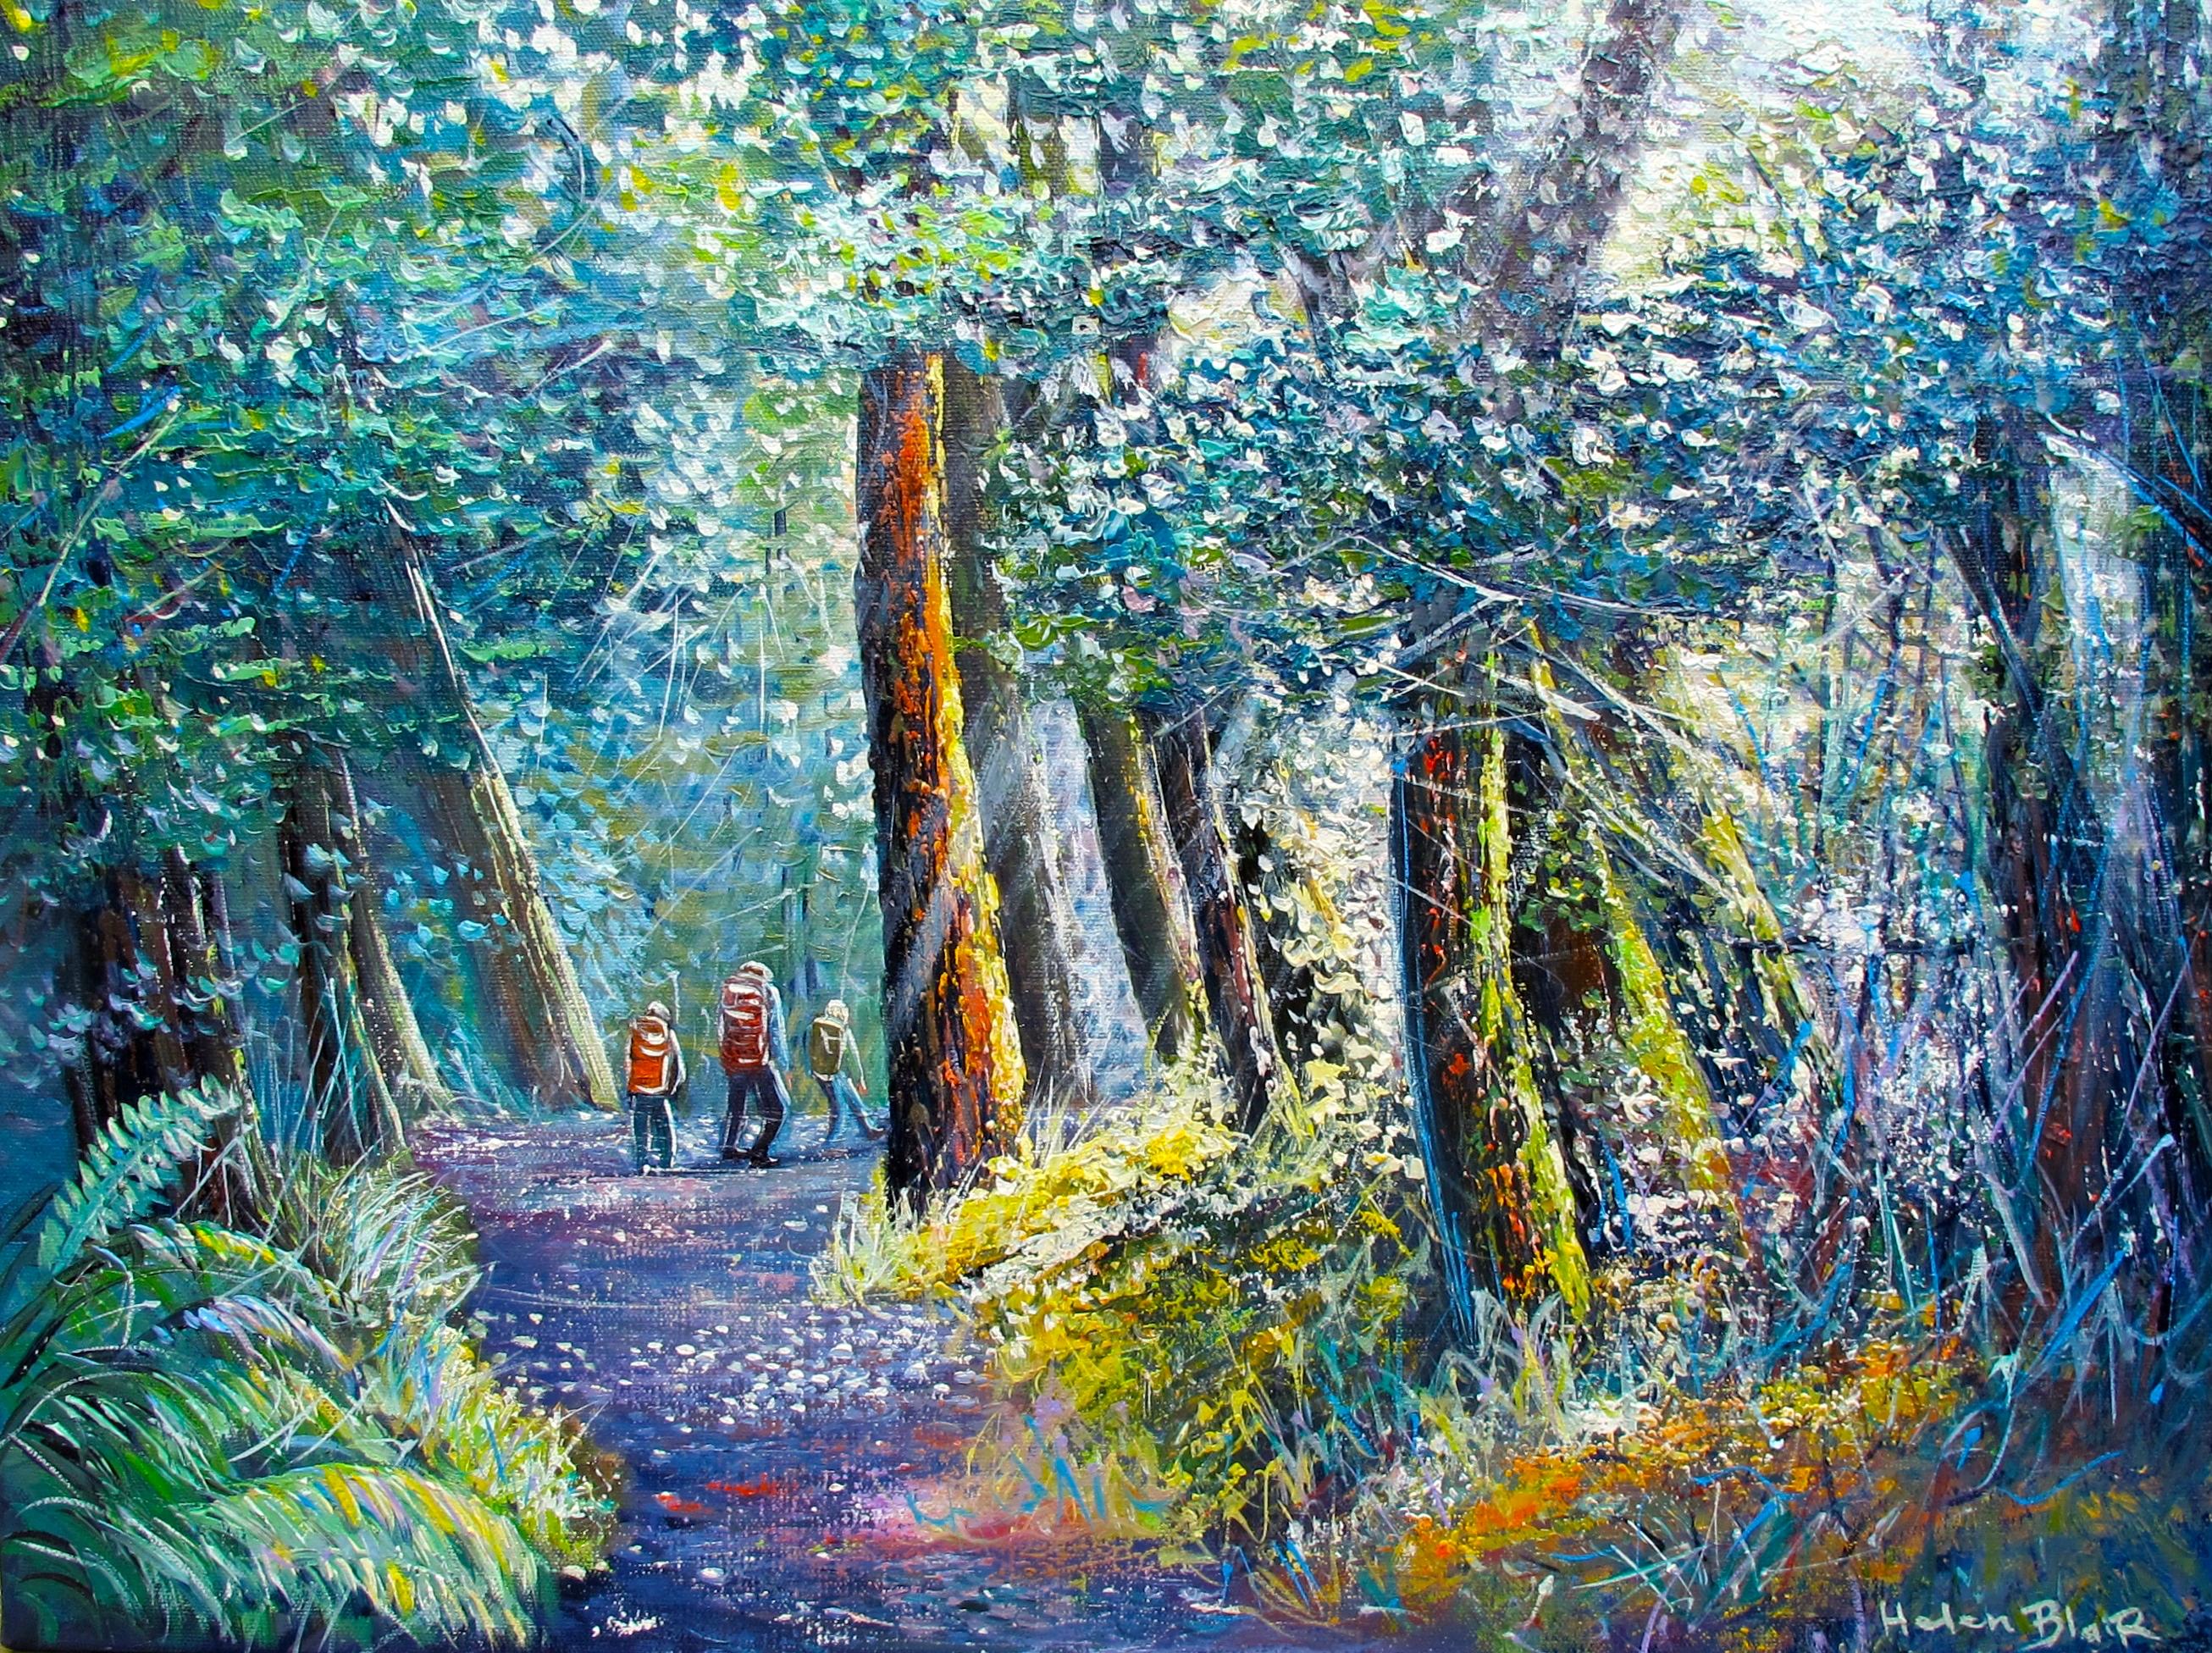 helenblairsart- Bush Treck - Canvas print